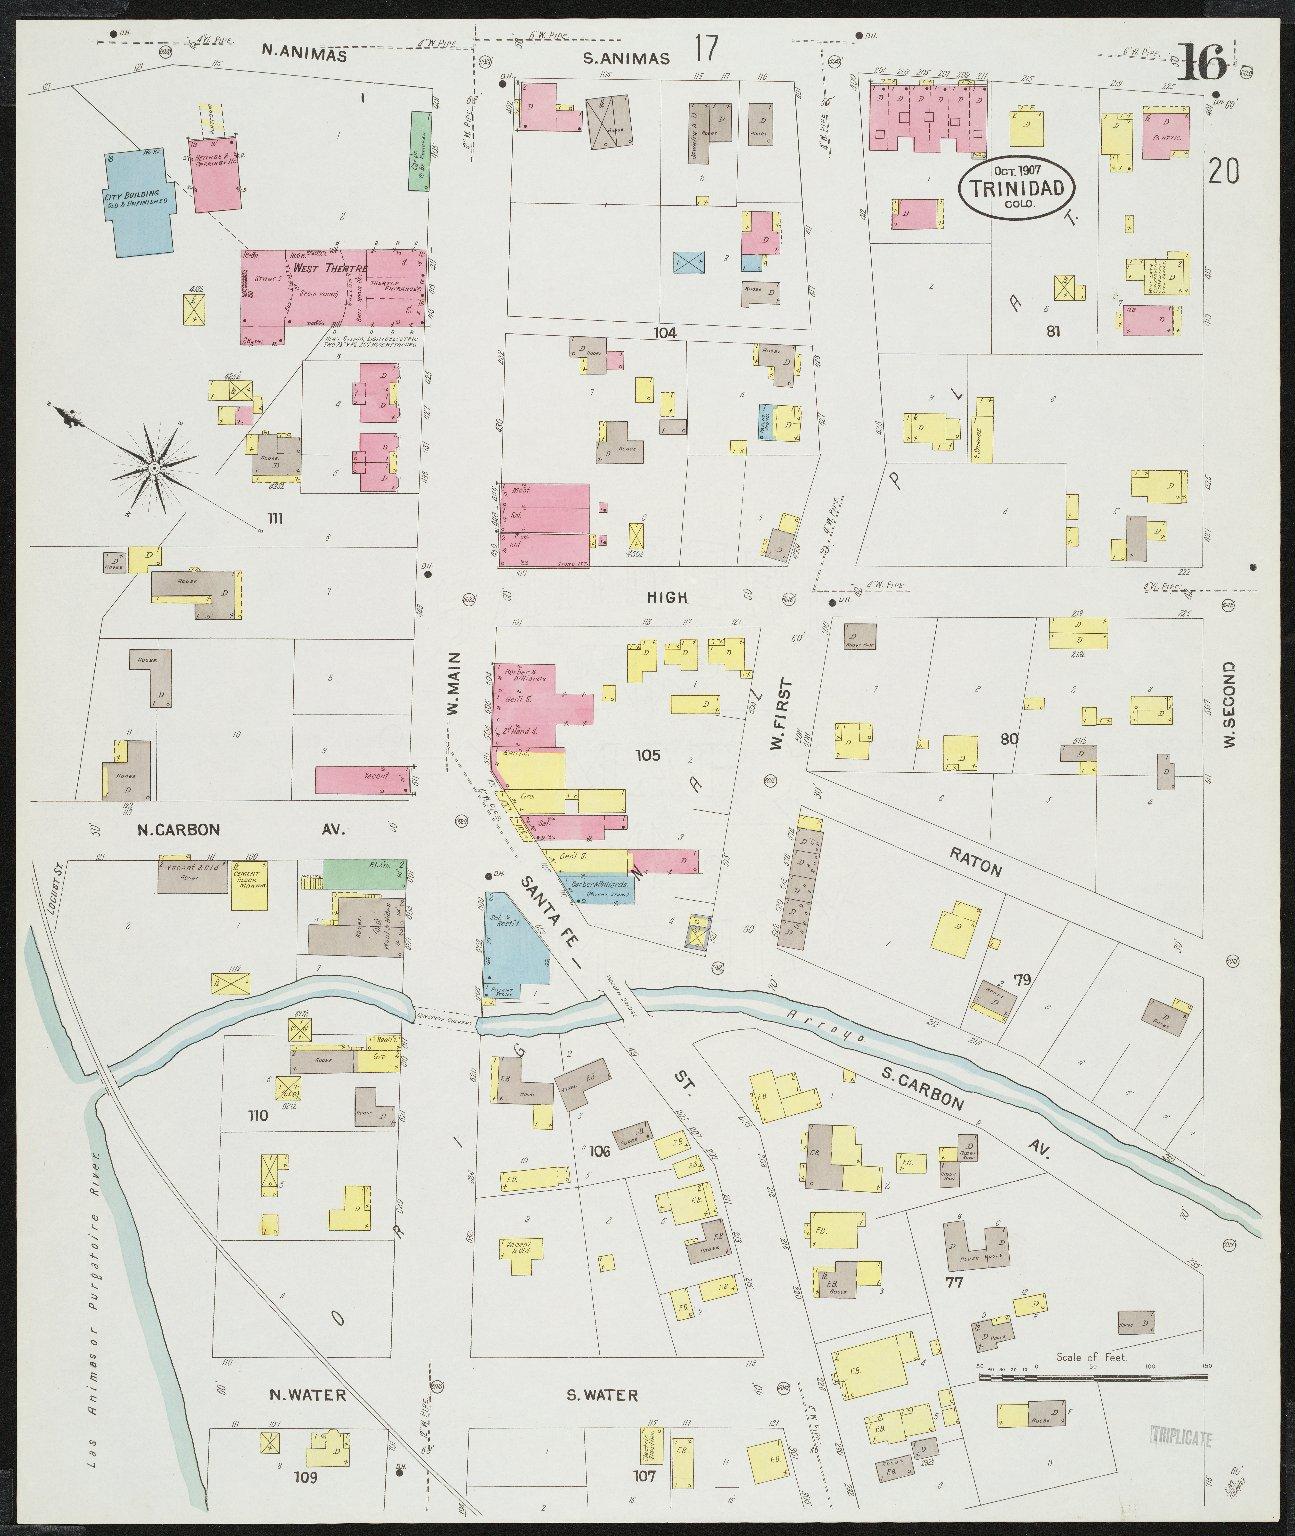 Insurance maps of Trinidad, Las Animas Co., Colorado